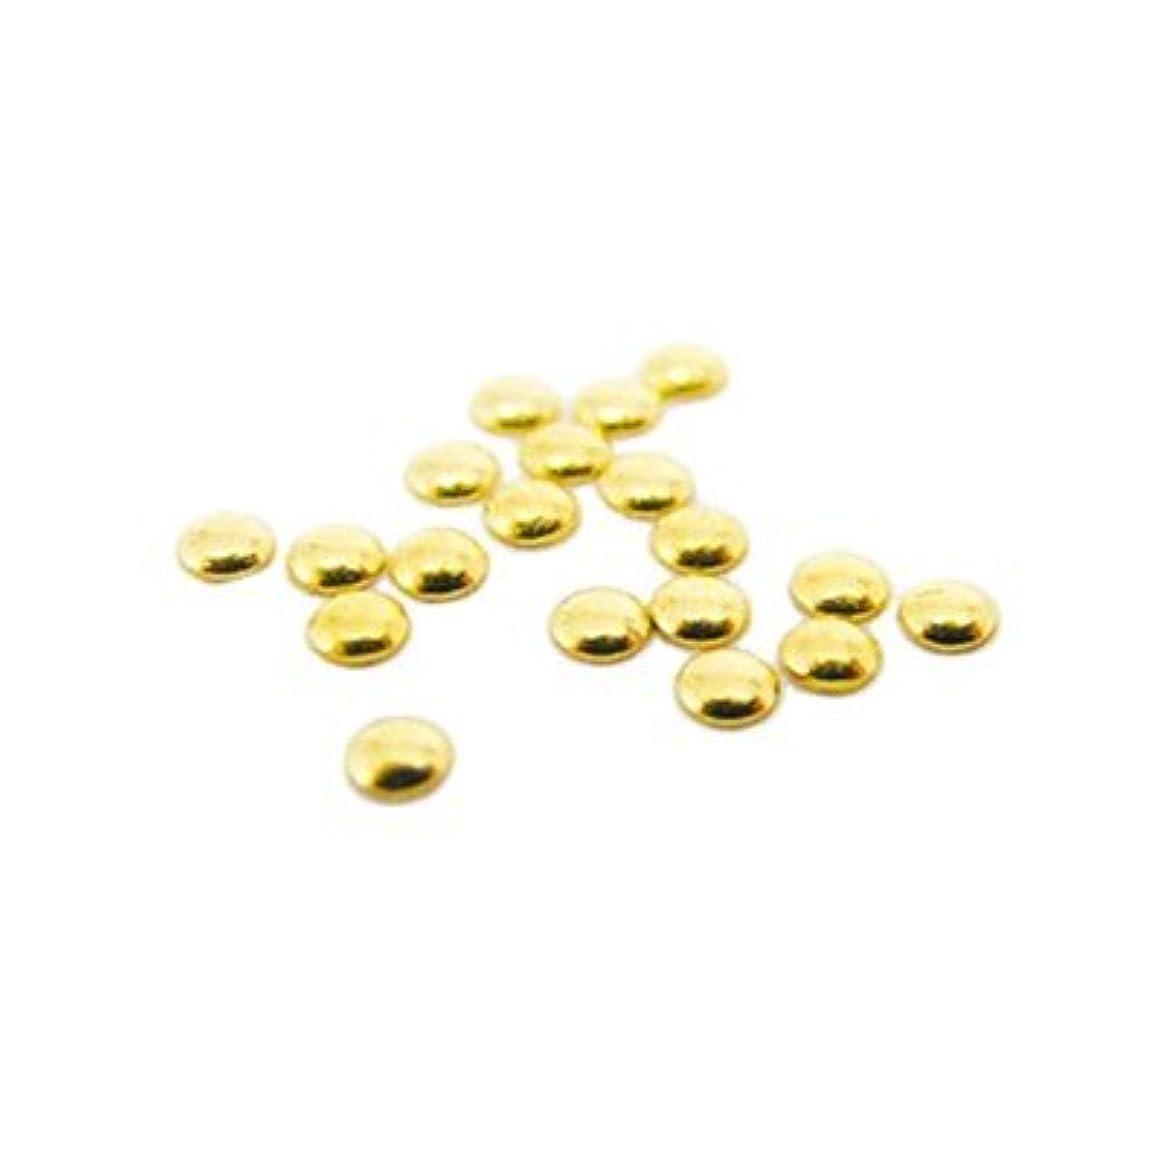 傷つきやすい嫌悪過剰ピアドラ スタッズ 1.0mm 50P ゴールド